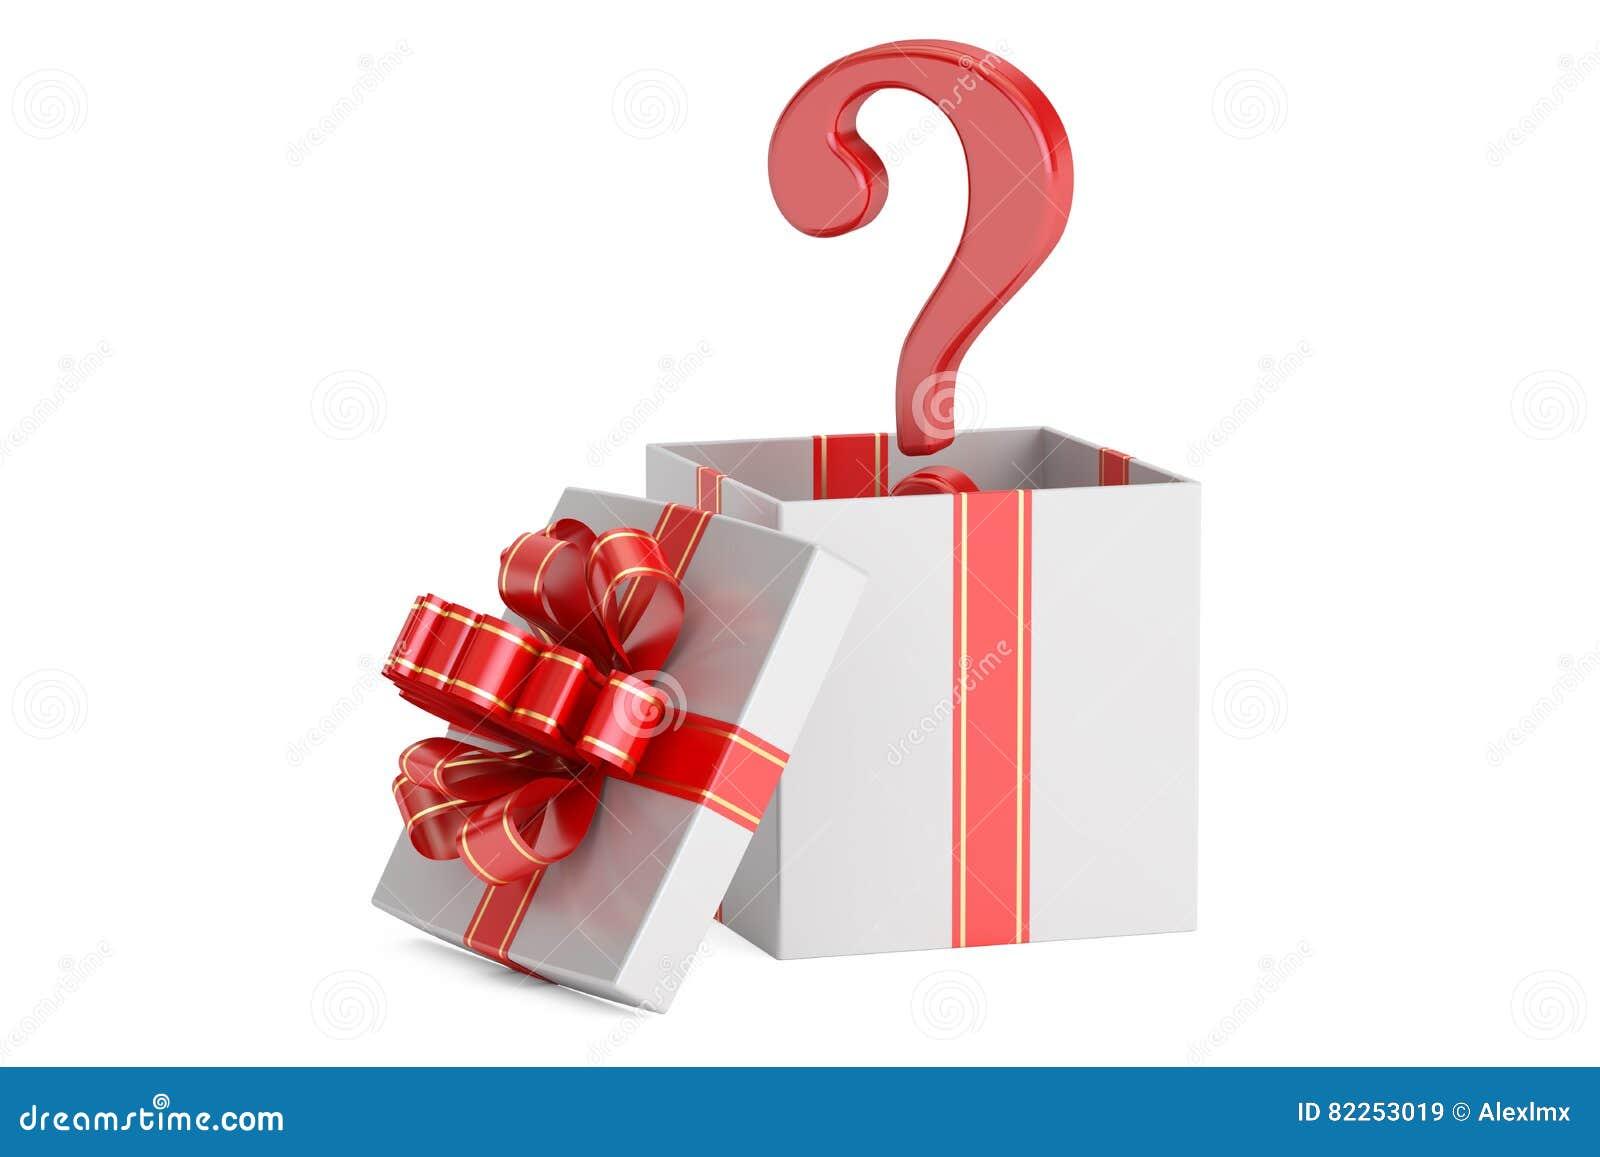 Викторина по сказке Подарки феи - тест онлайн игра - вопросы с 69